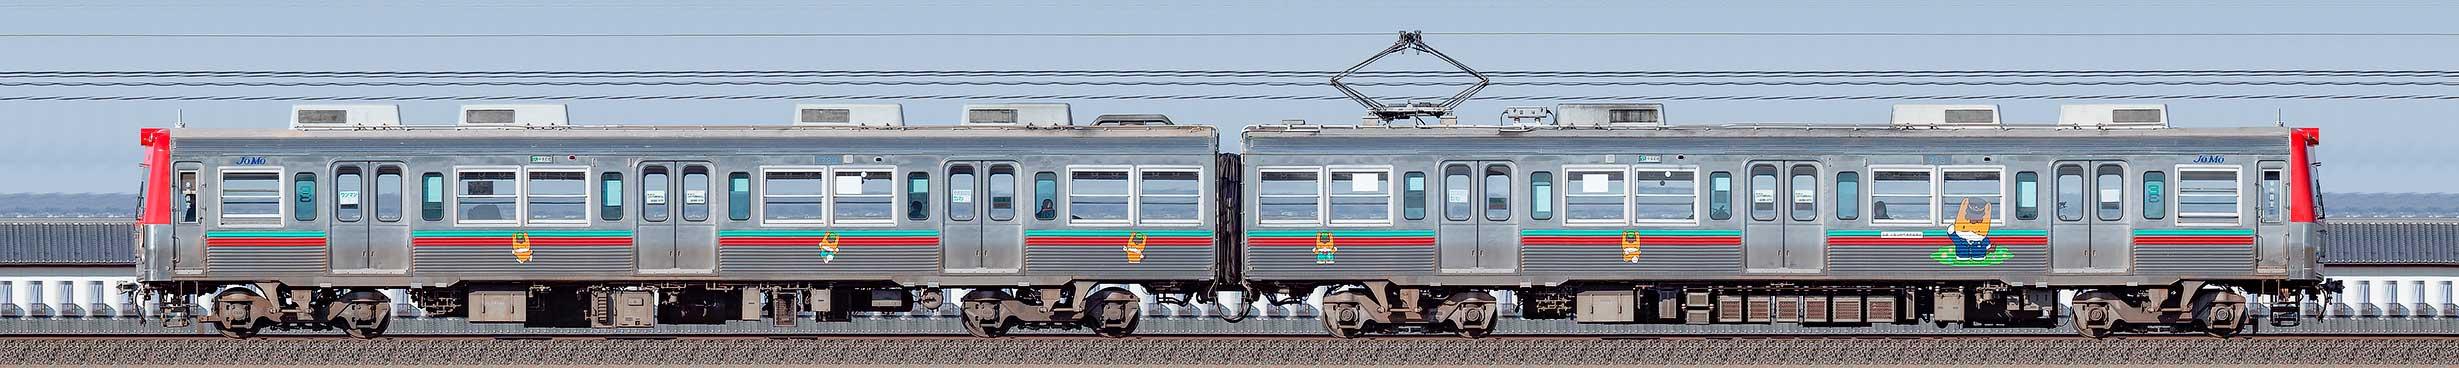 上毛電鉄700型第3編成ぐんまちゃん列車(海側)の編成サイドビュー